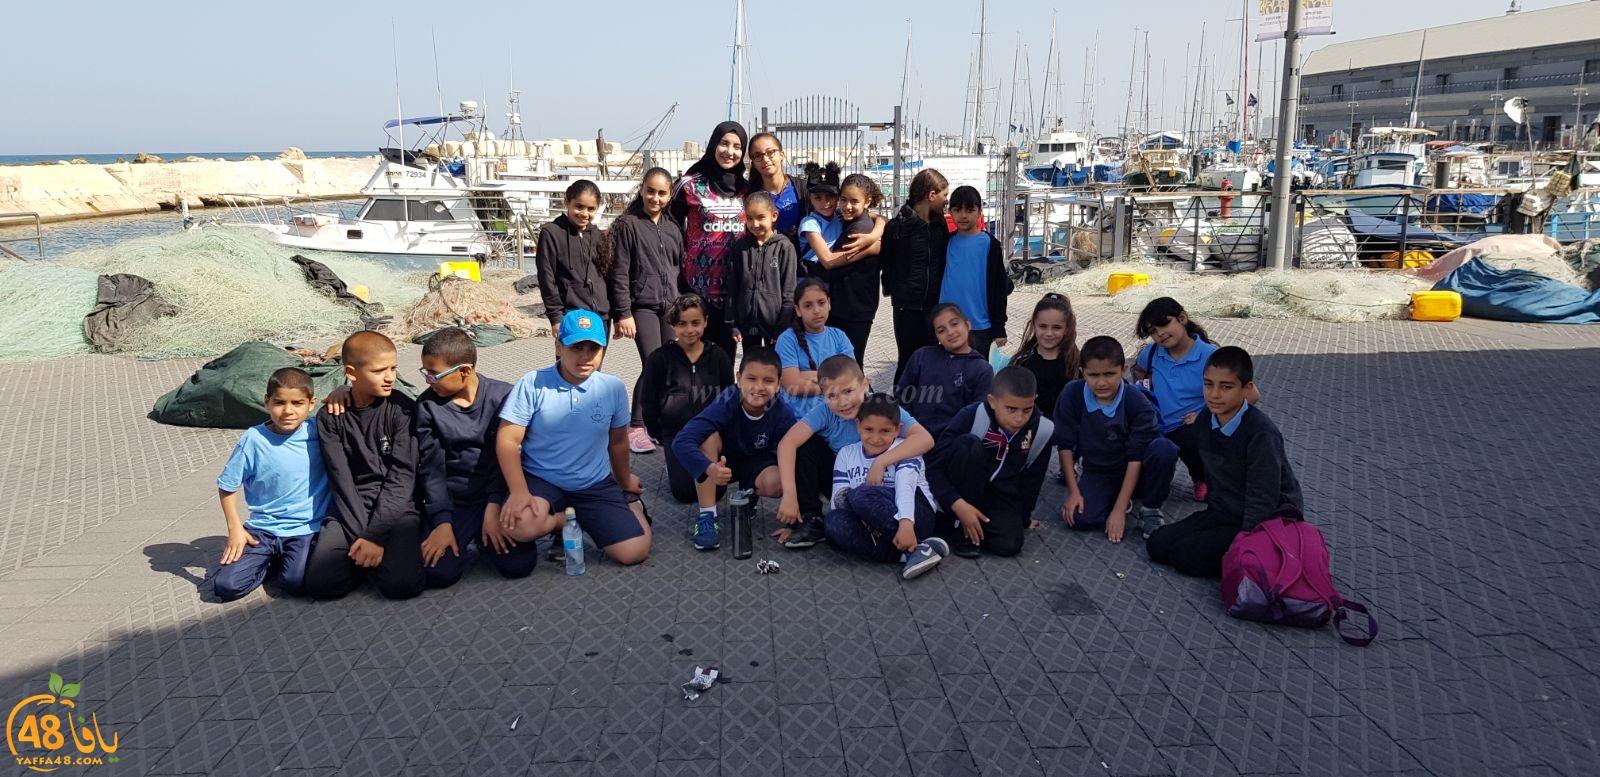 فيديو: تجاوب كبير من طلاب مدرسة حسن عرفة مع نداءات الصيادين في ميناء يافا